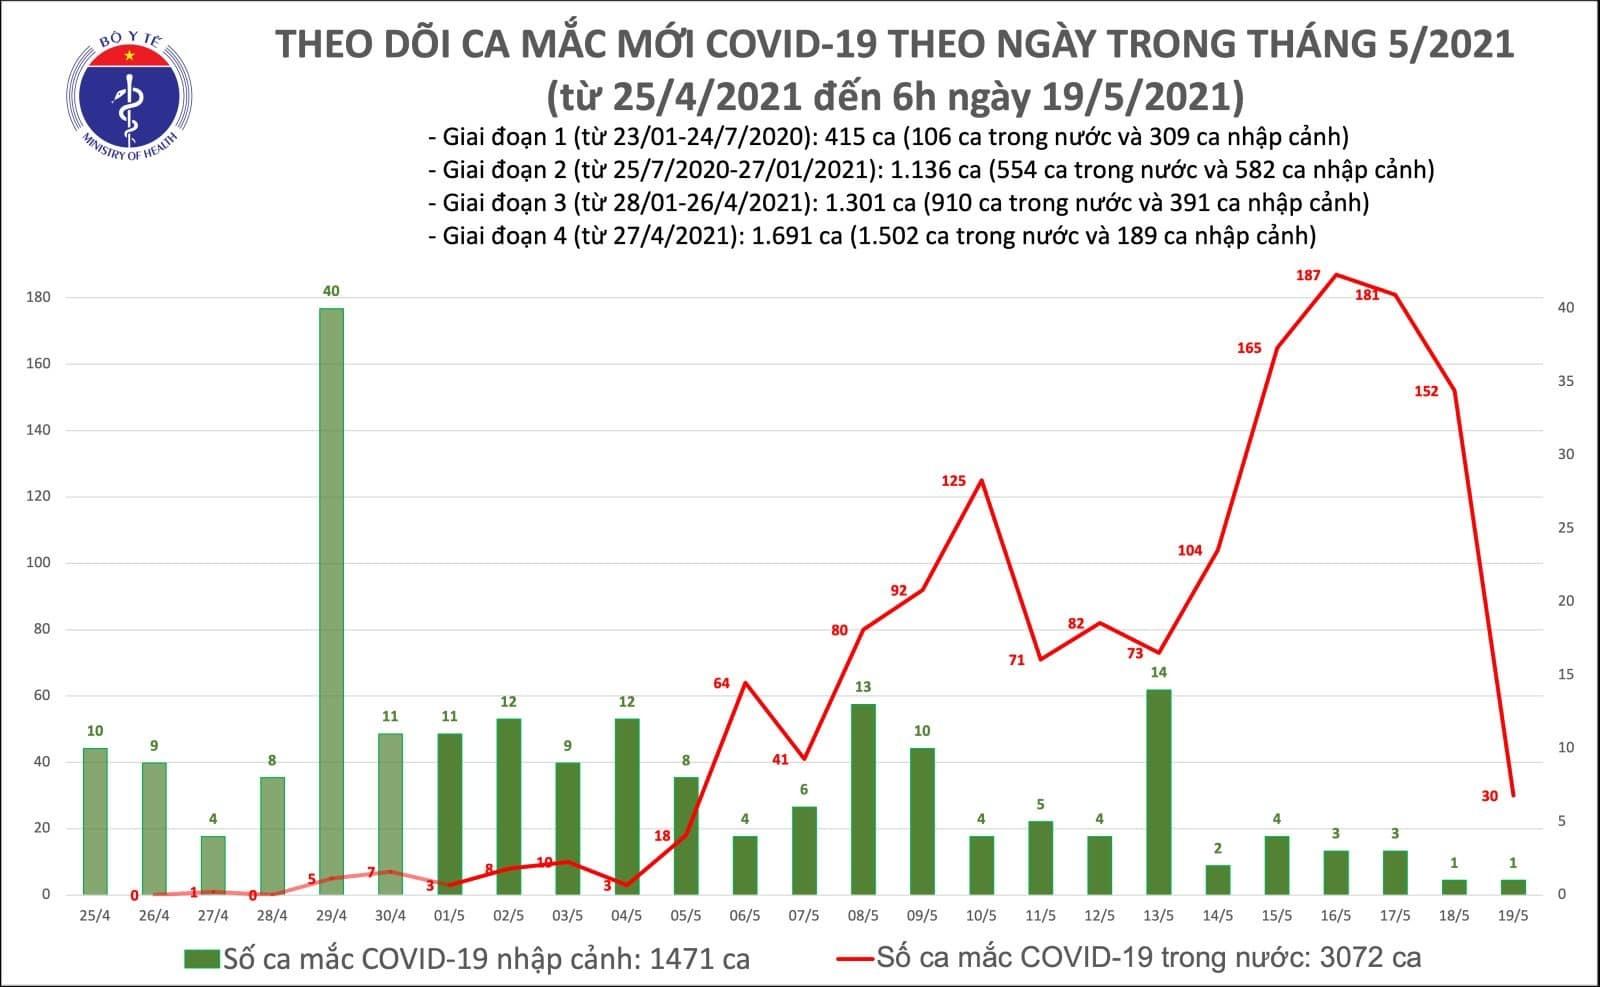 Thêm 30 ca Covid-19 trong nước, Bắc Ninh và Bắc Giang có số mắc nhiều nhất